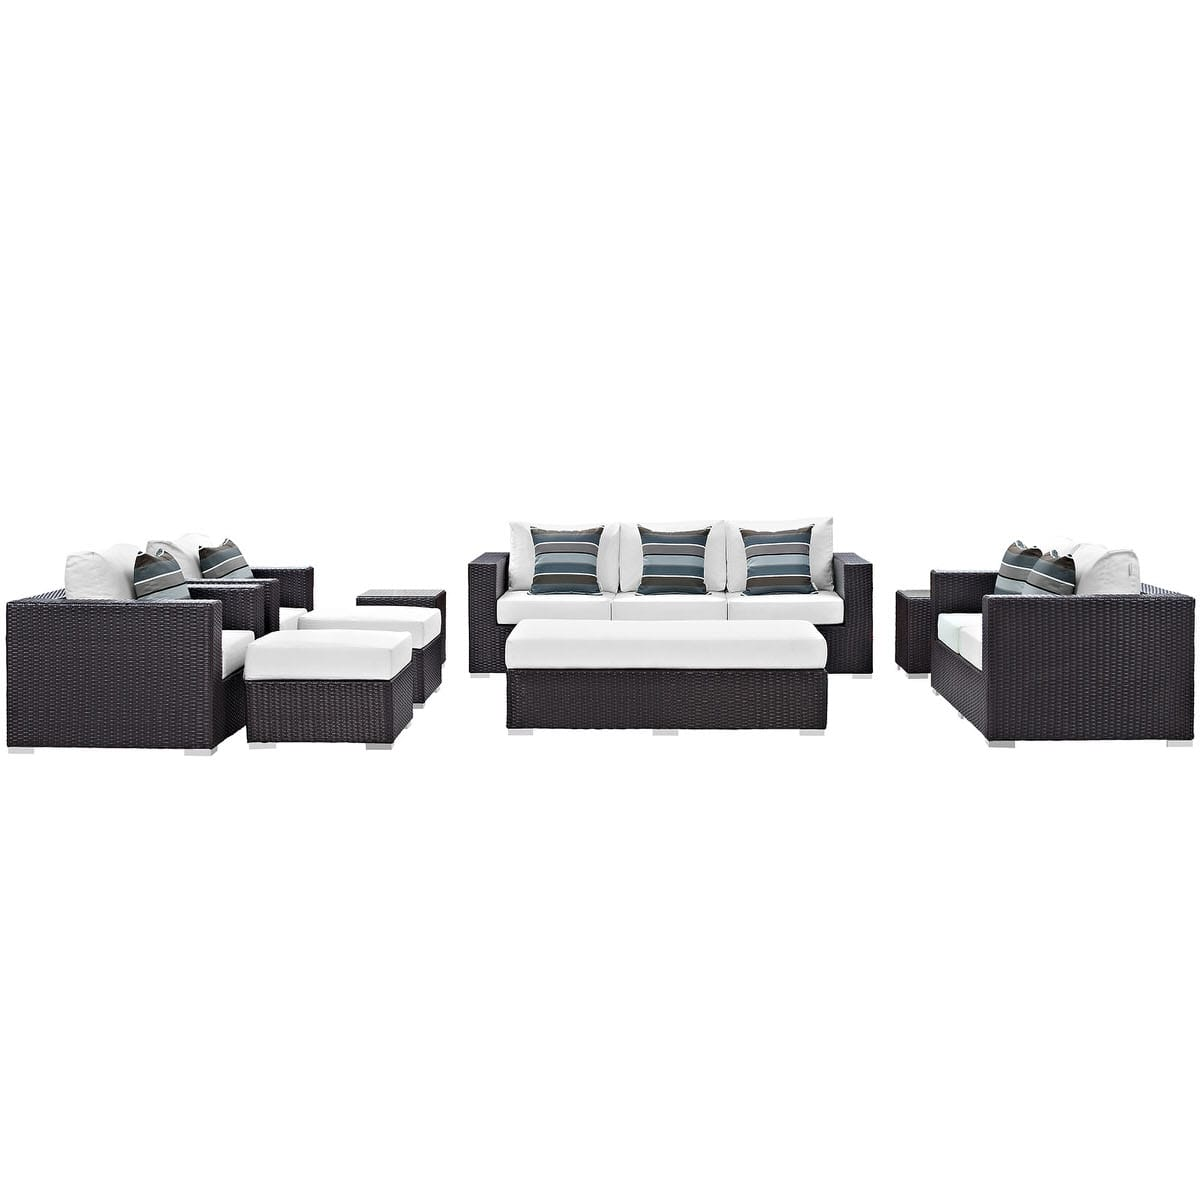 Convene 9 Piece Outdoor Patio Sofa Set Espresso White by Modern Living